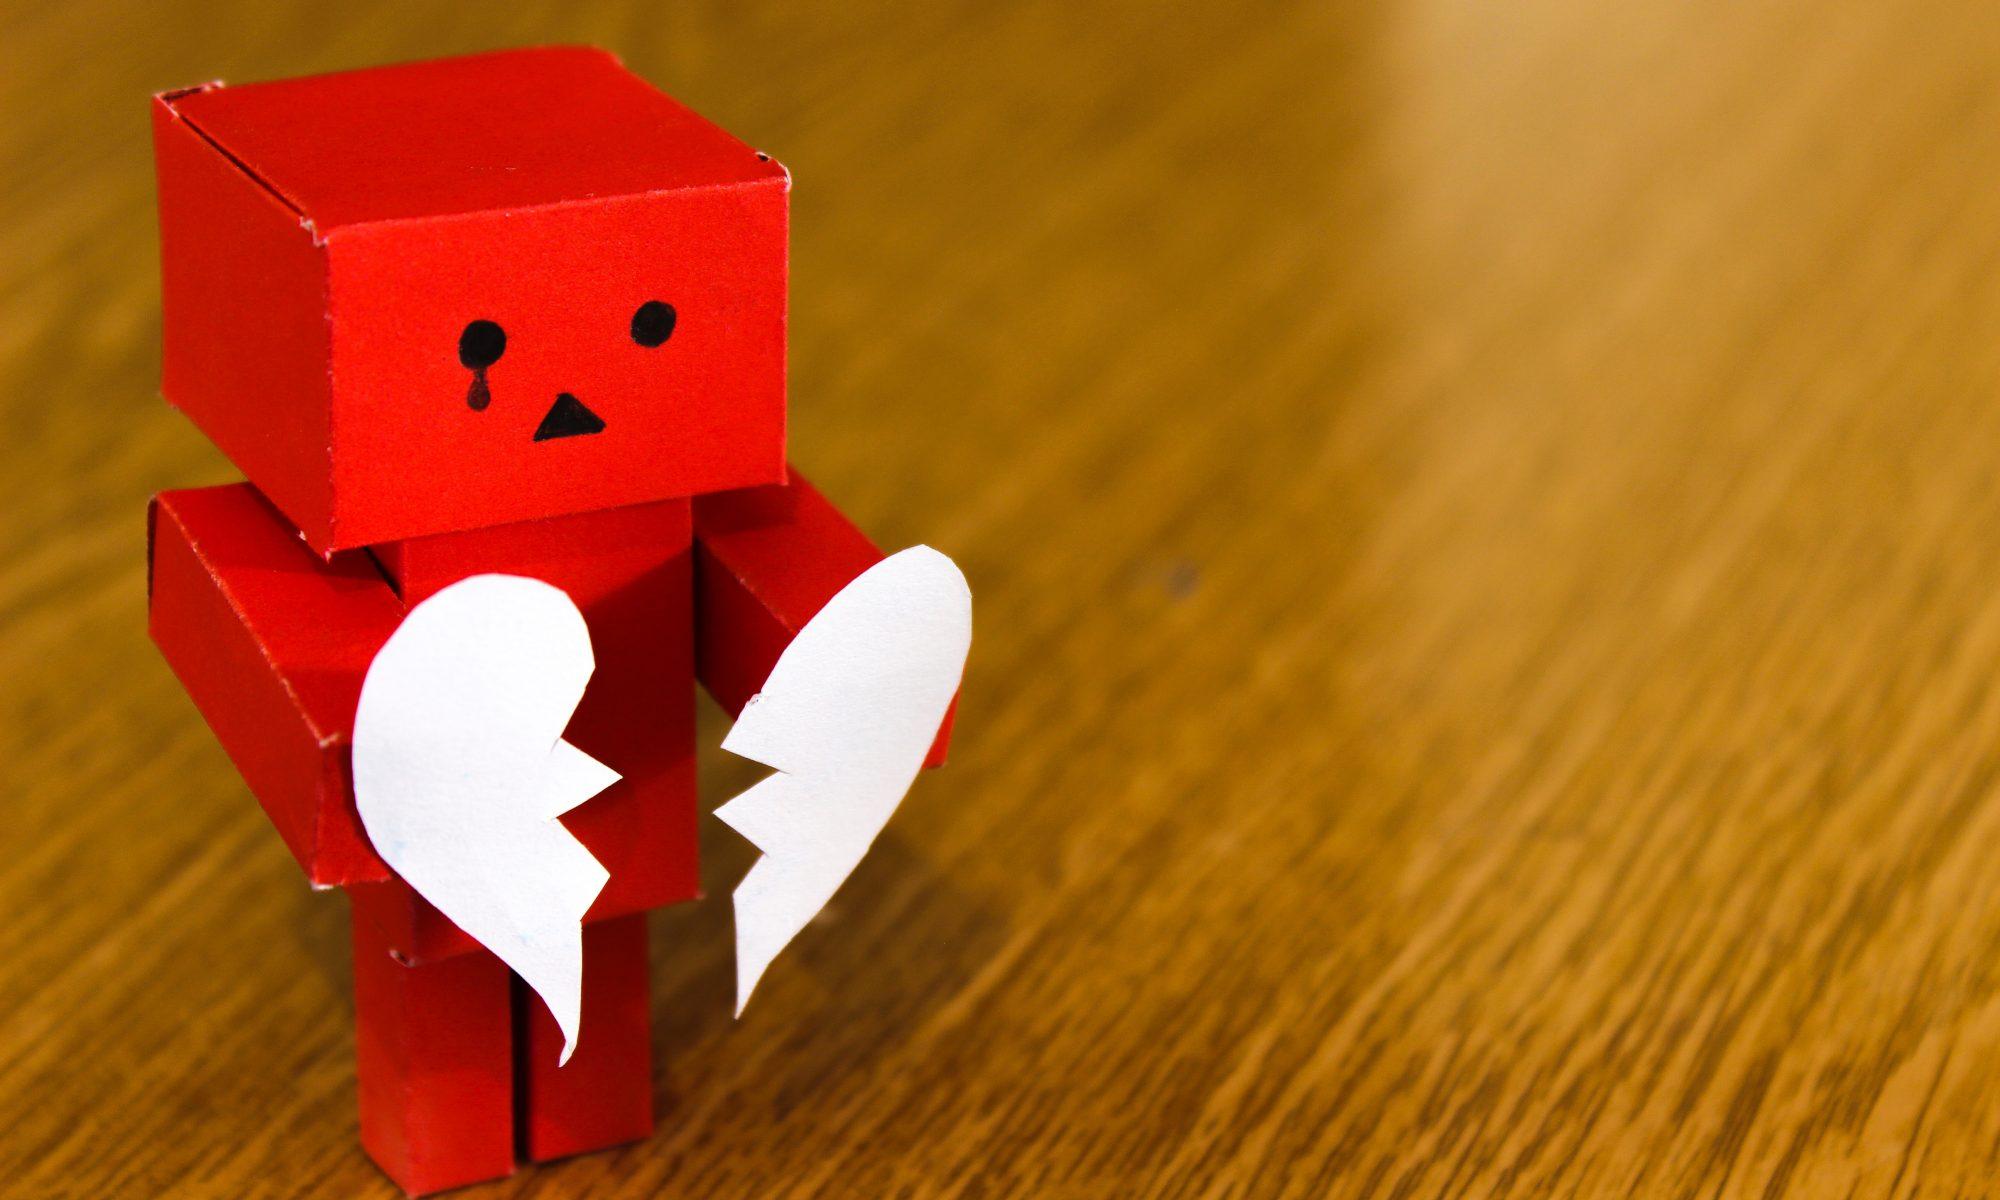 Rotes Pappmännchen mit gebrochenen Herz in der Hand